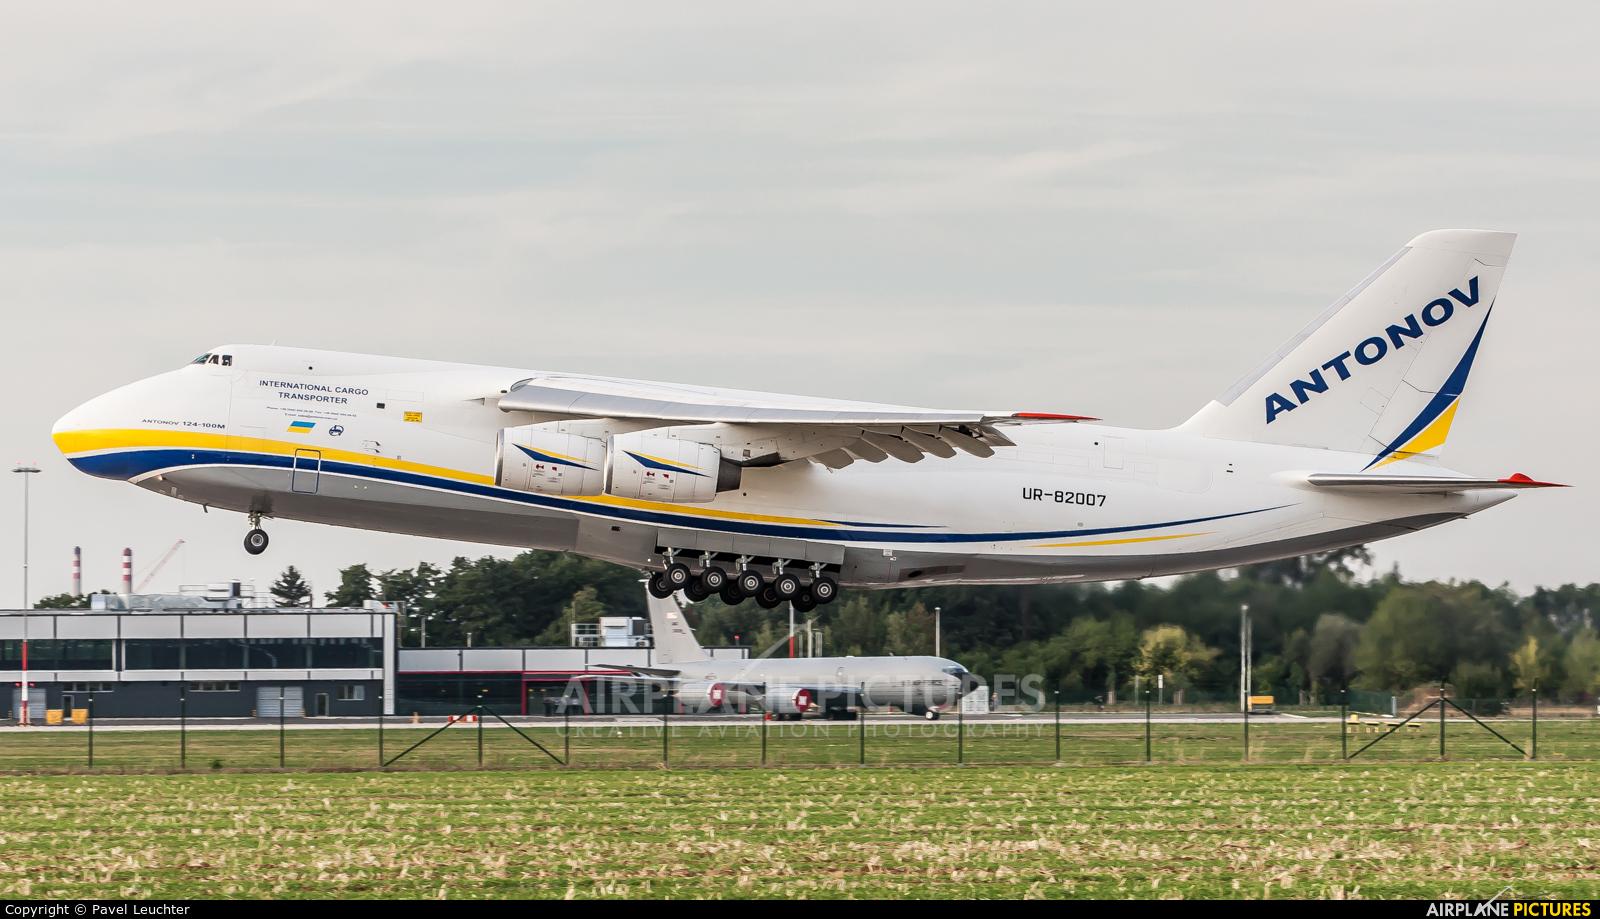 Antonov Airlines /  Design Bureau UR-82007 aircraft at Pardubice